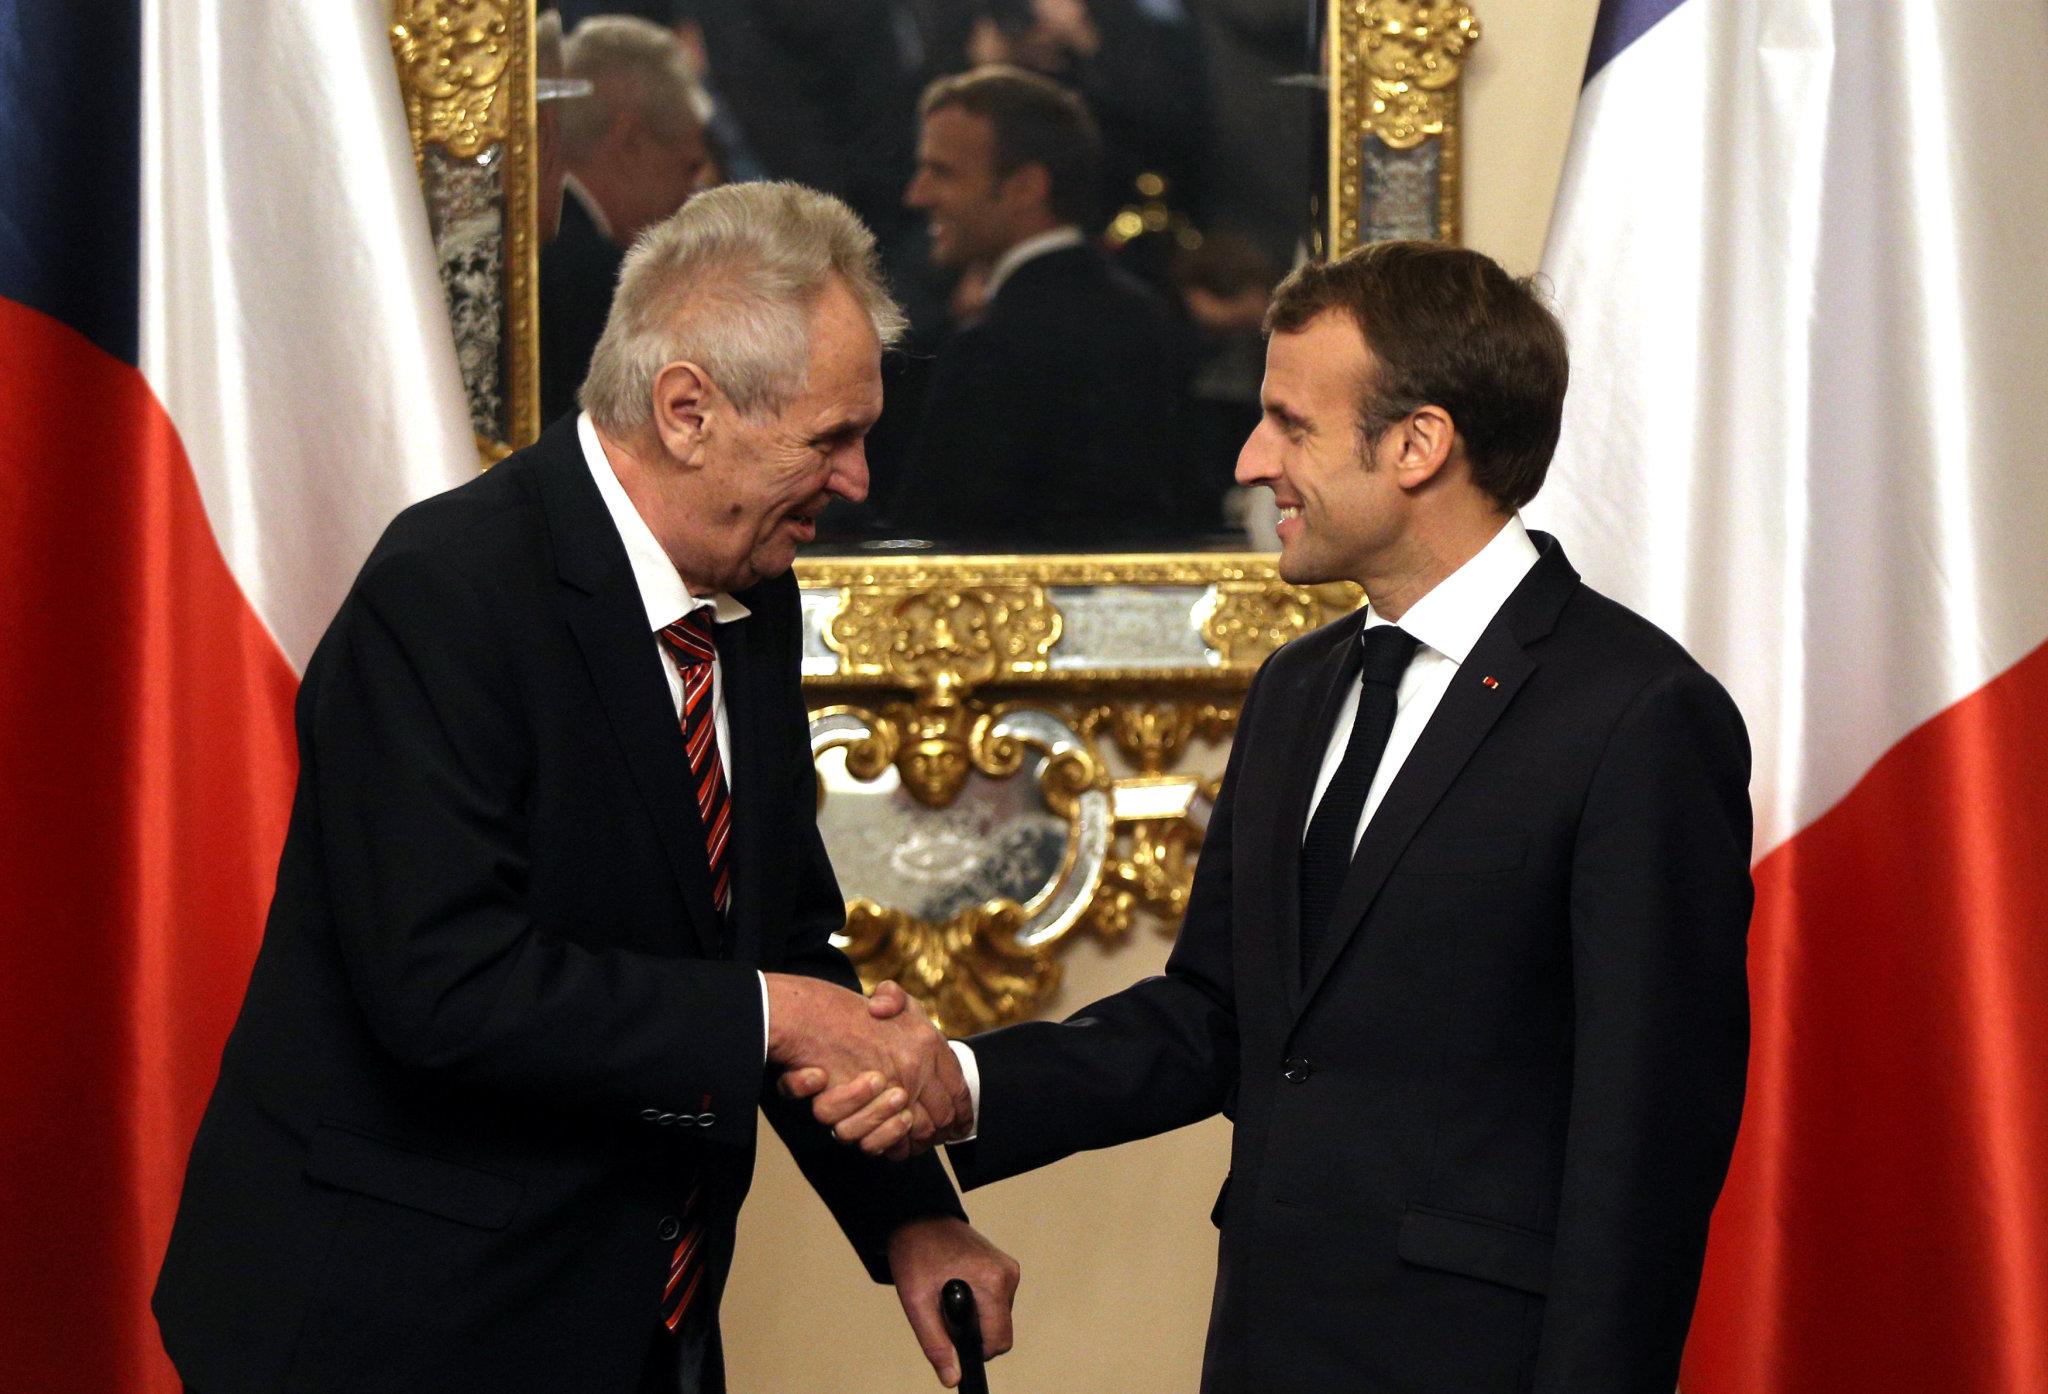 Český prezident Miloš Zeman se svým francouzským protějškem Emmanuelem Macronem.